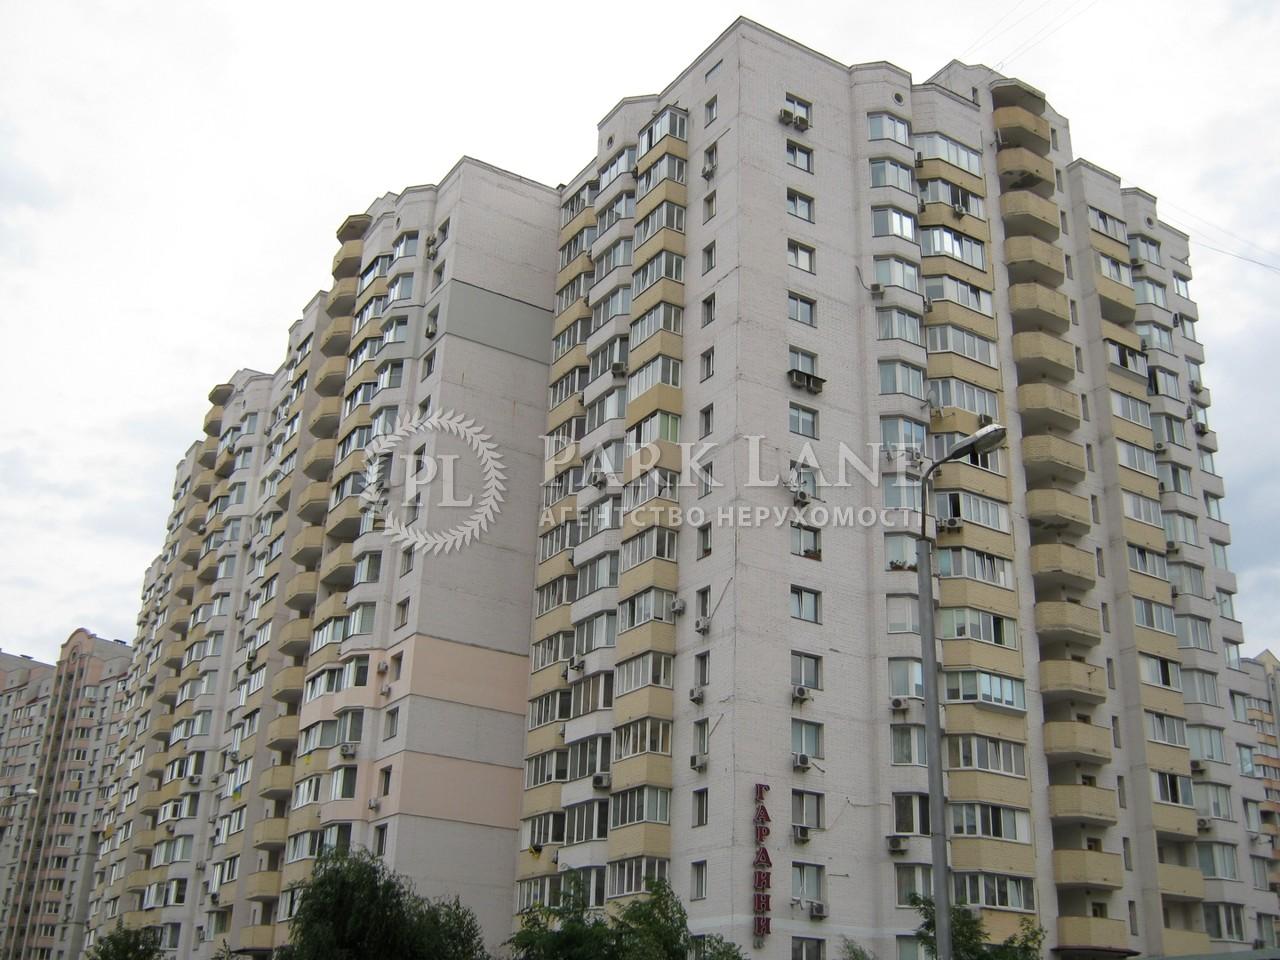 Квартира ул. Ахматовой, 35, Киев, N-9291 - Фото 1